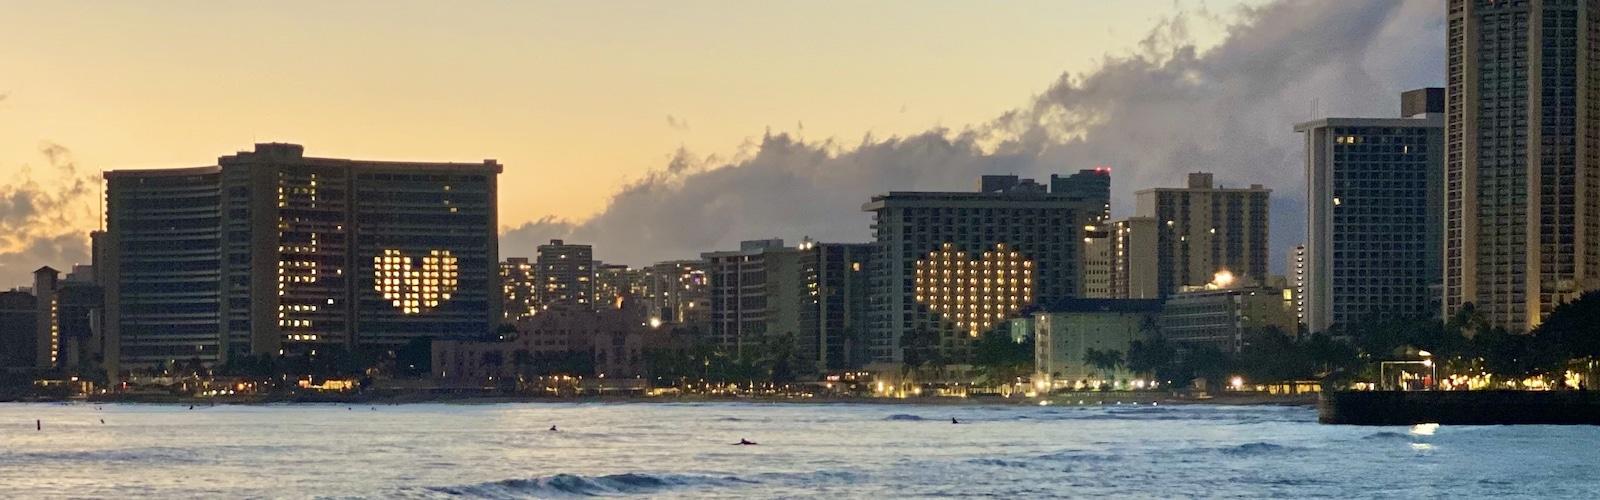 COVID19 TRAVEL UPDATES, Waikiki, Oahu, Hawaii